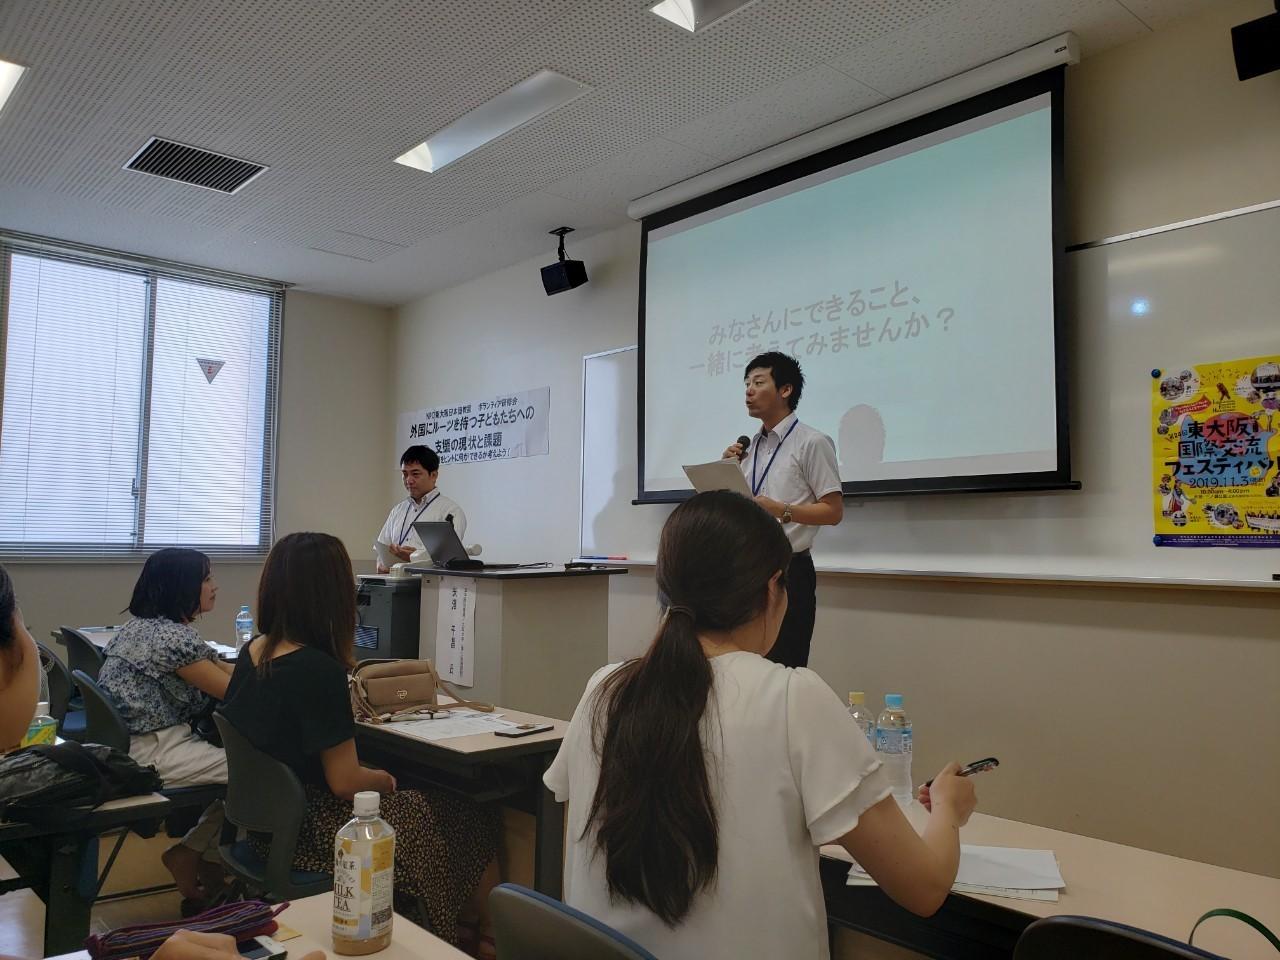 2019年度 第1回ボランティア研修会 ご報告_e0175020_04514667.jpg